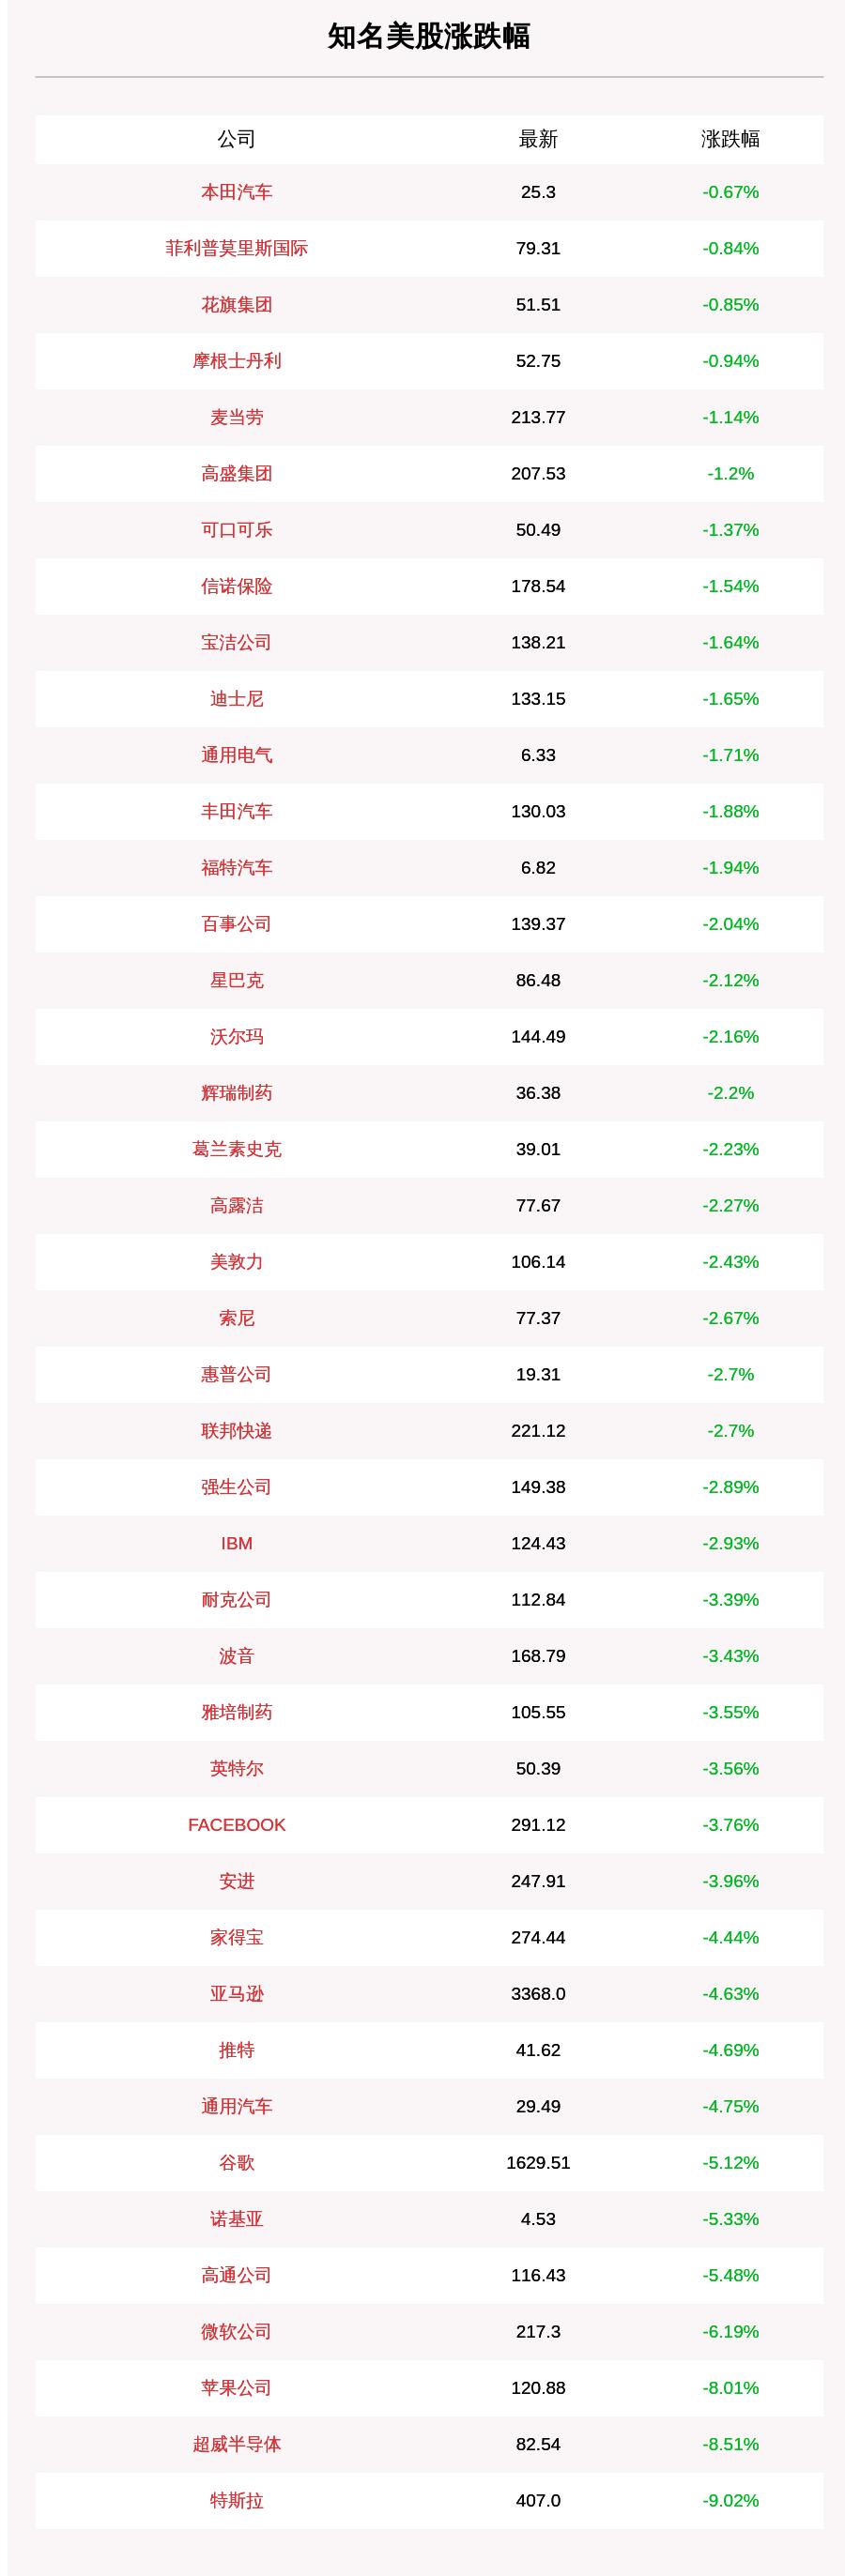 一份美国知名股票的名单于9月1日收盘。